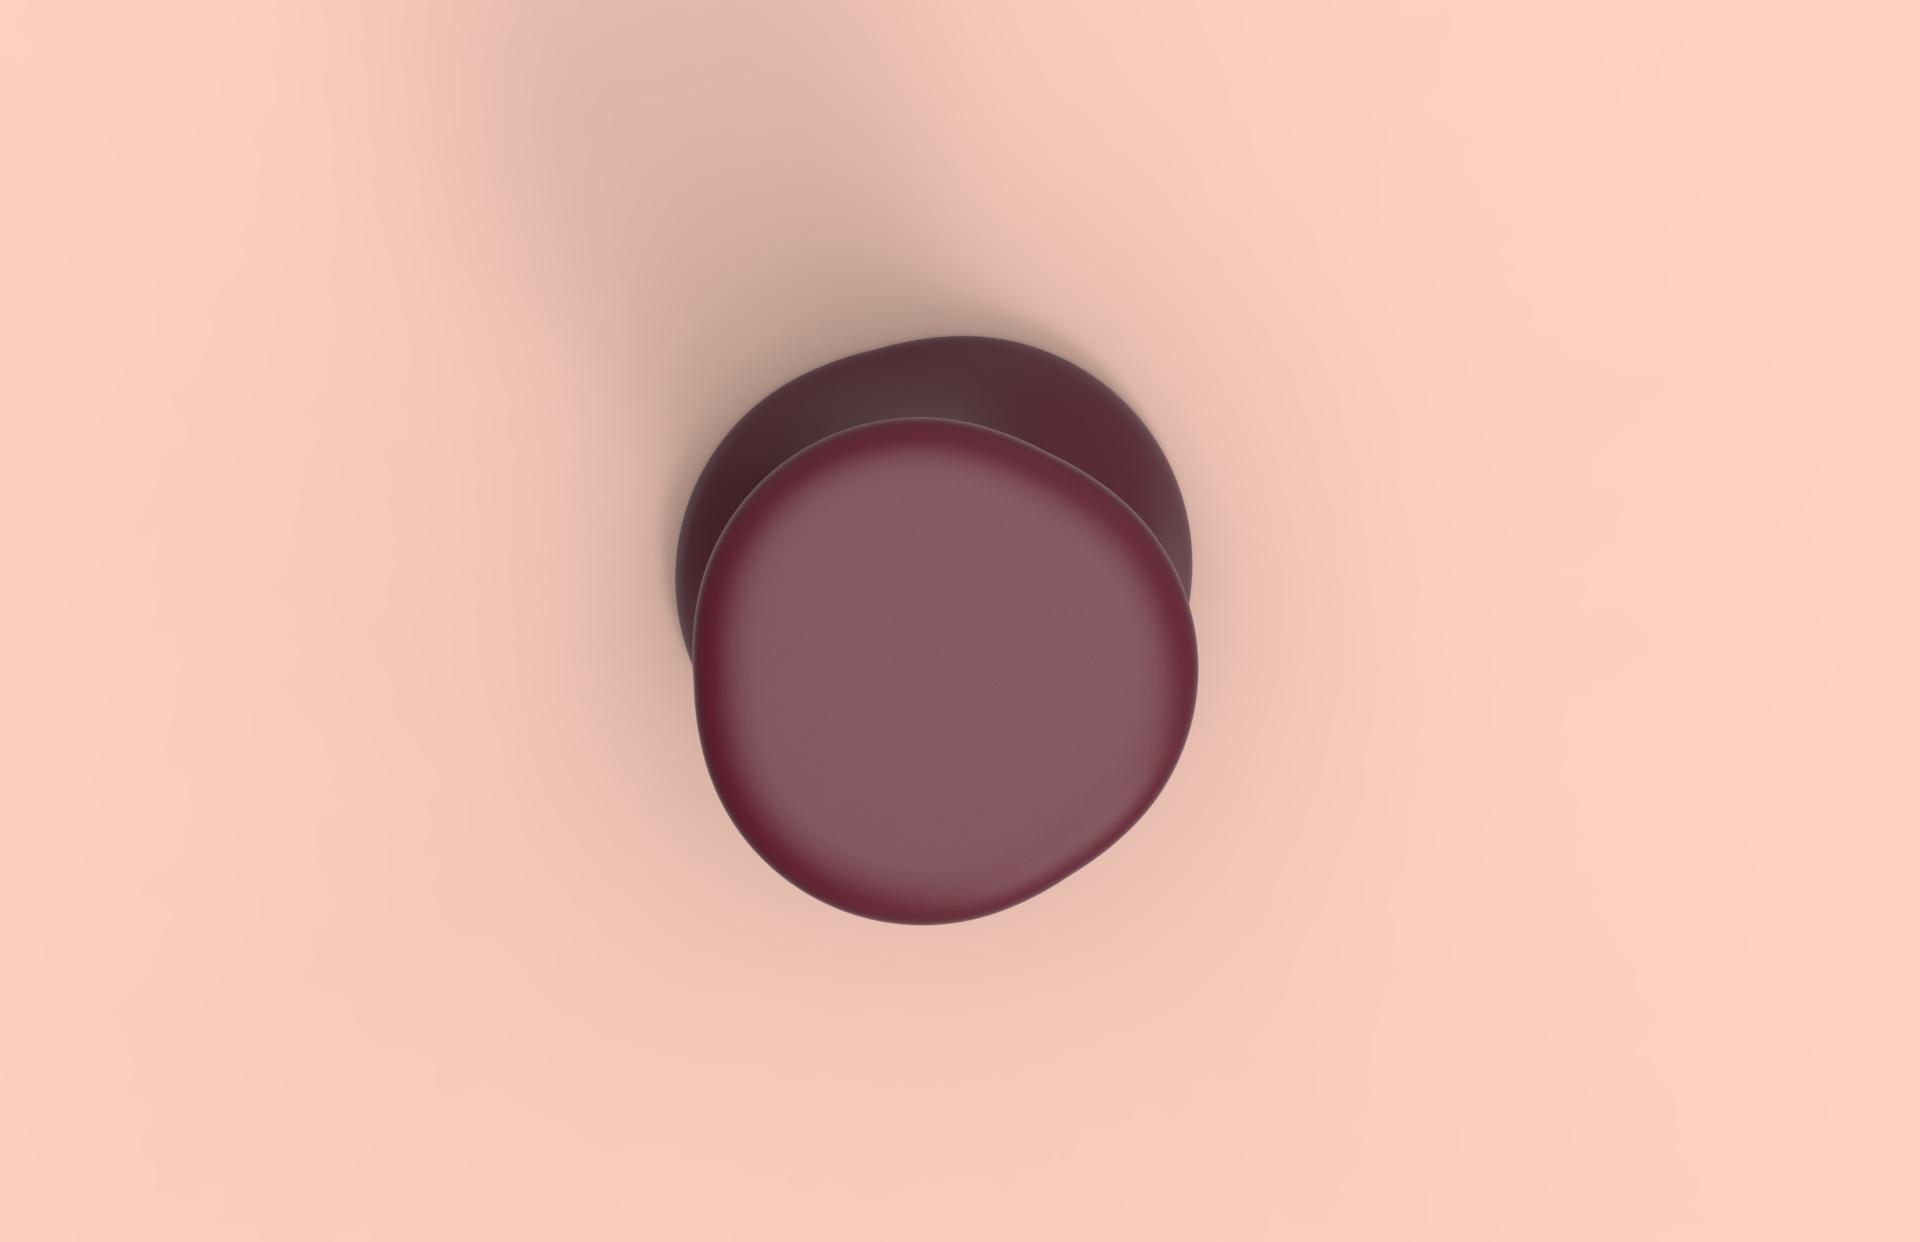 SKINEAL – Tabouret – Modélisation 3D Dessus – FR